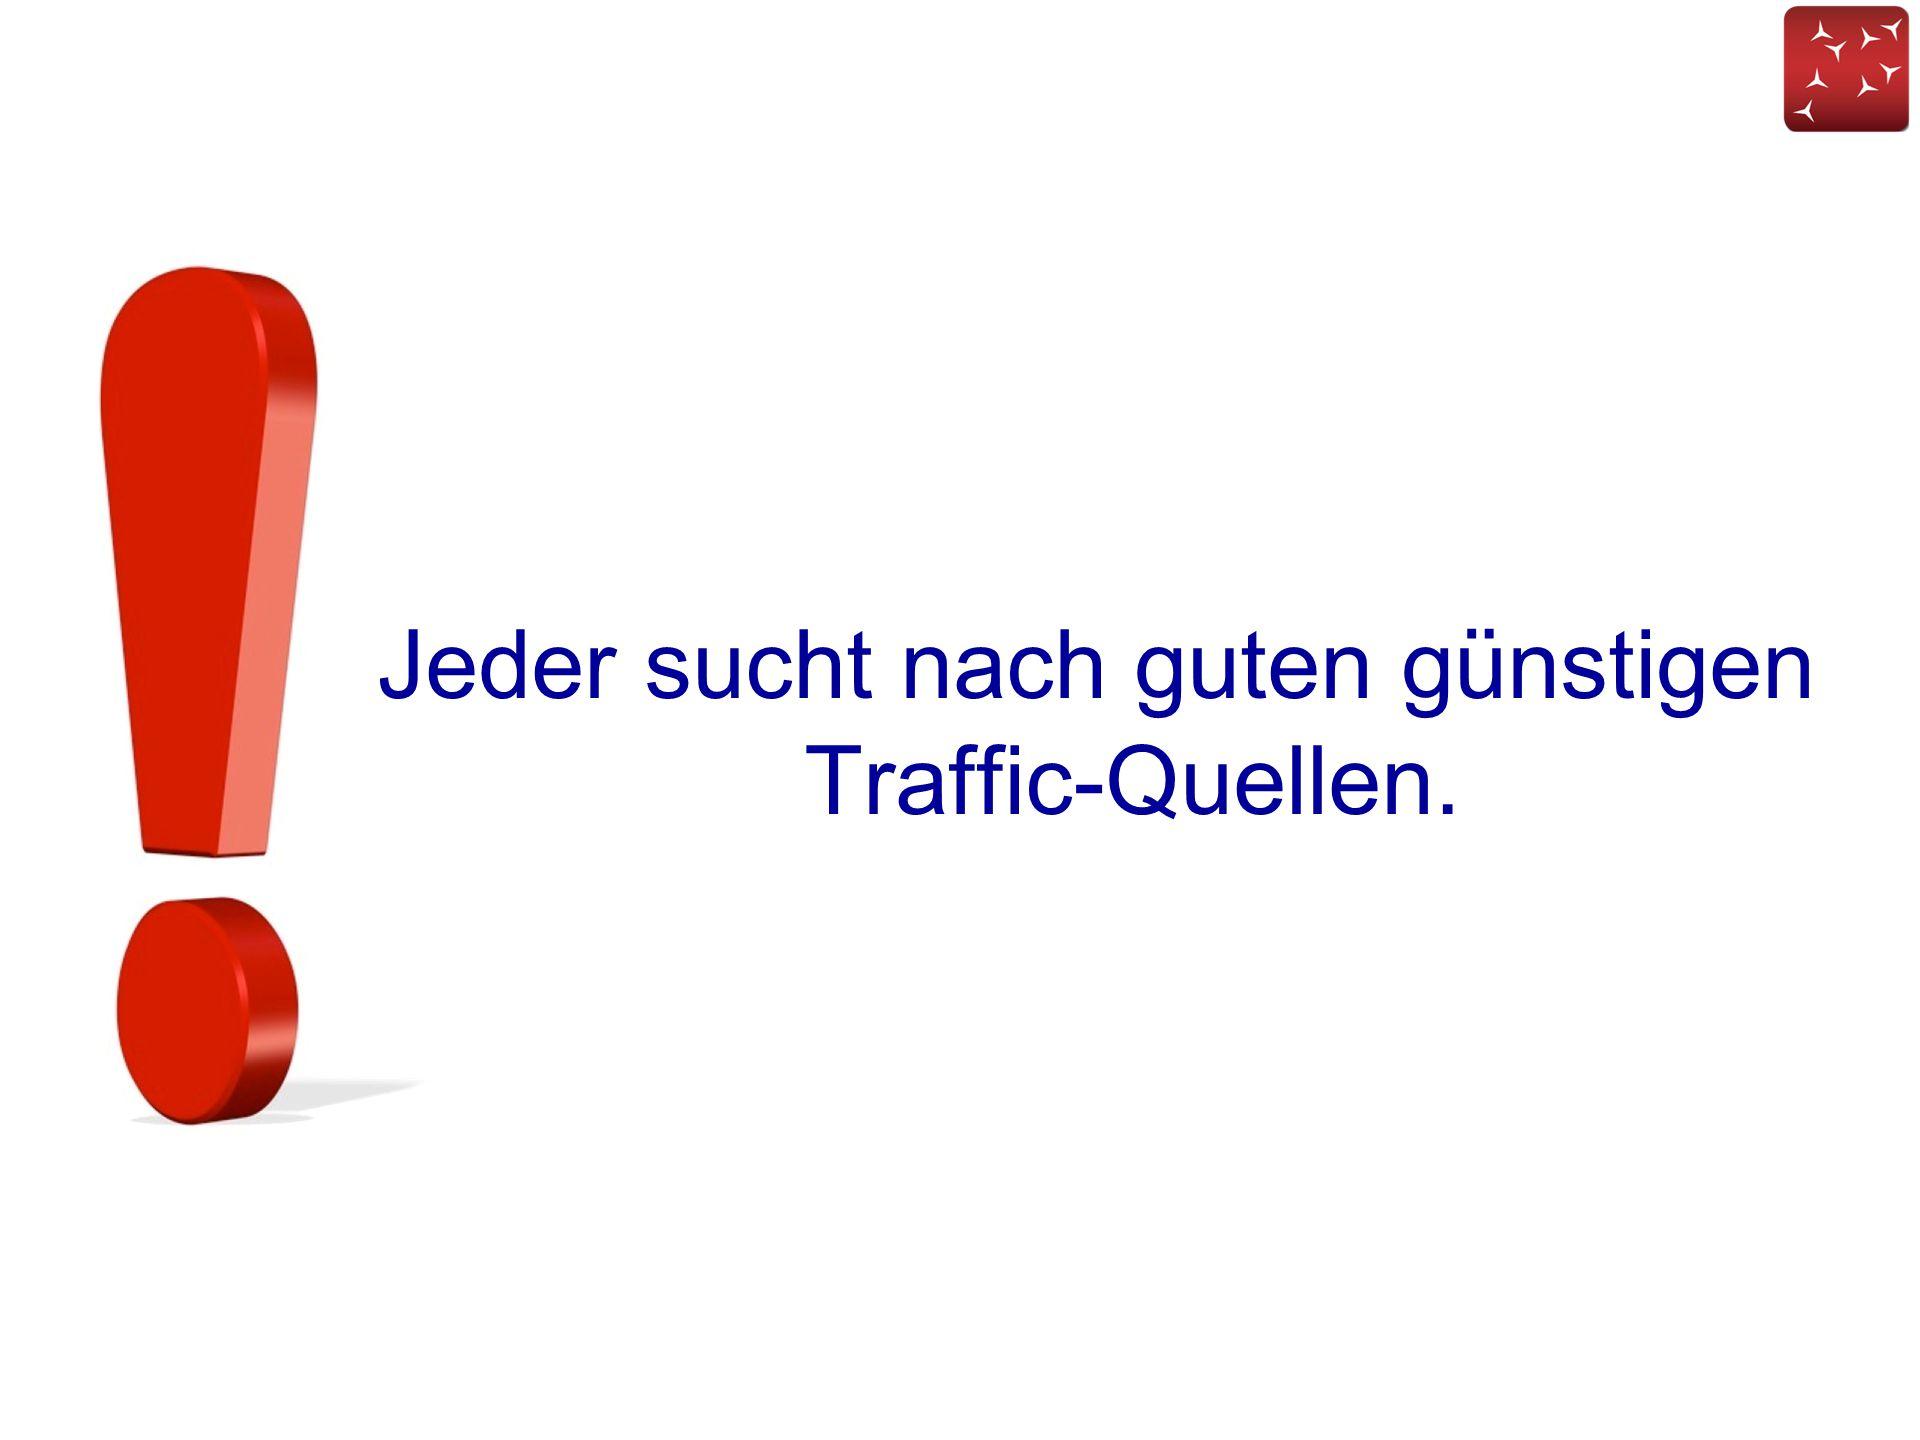 Jeder sucht nach guten günstigen Traffic-Quellen.